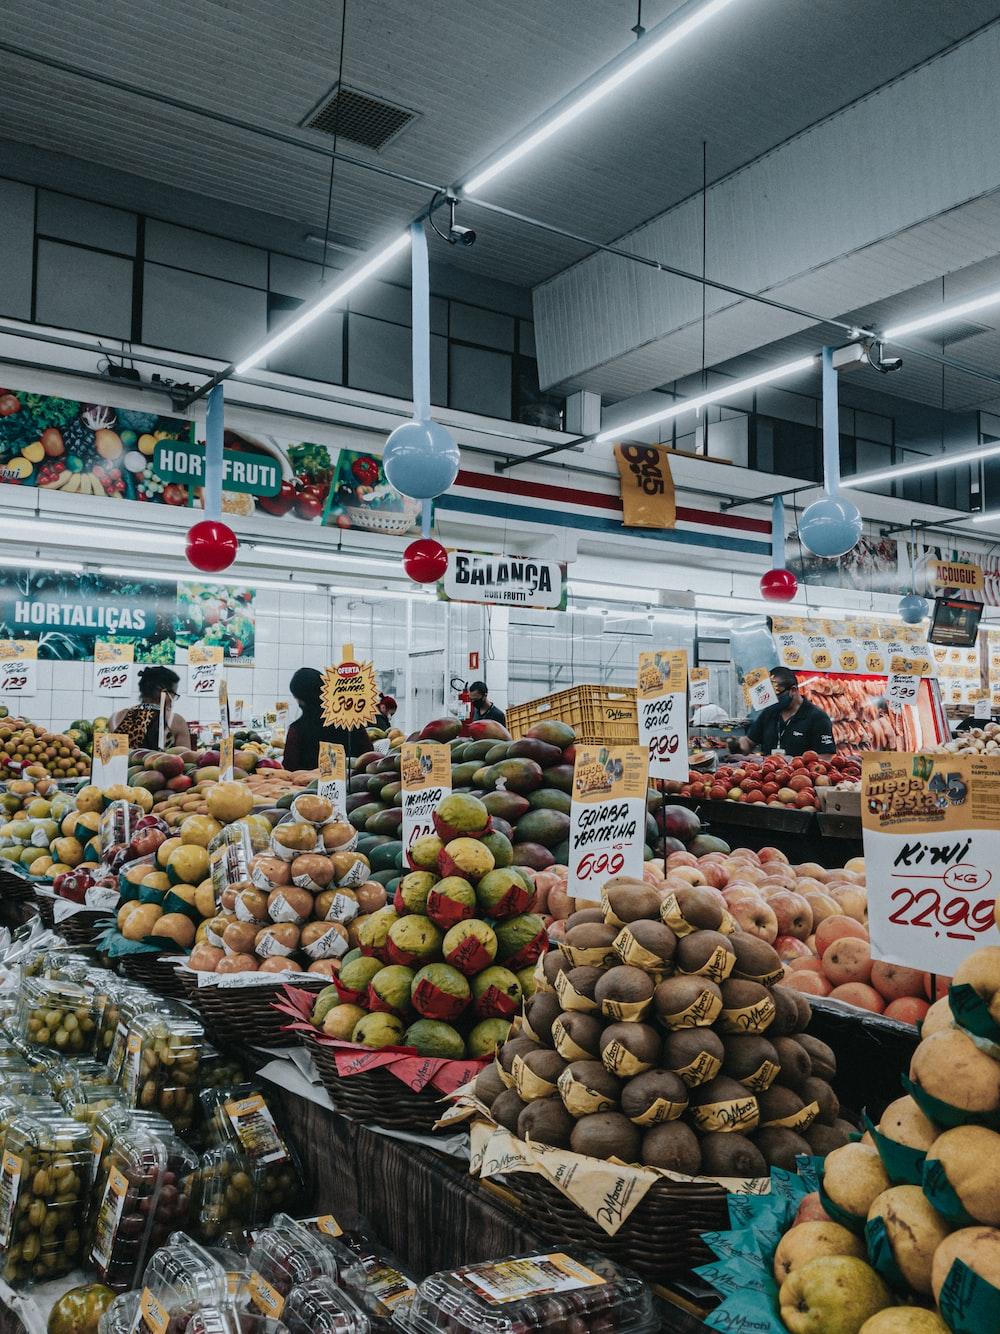 fruit display in market during daytime